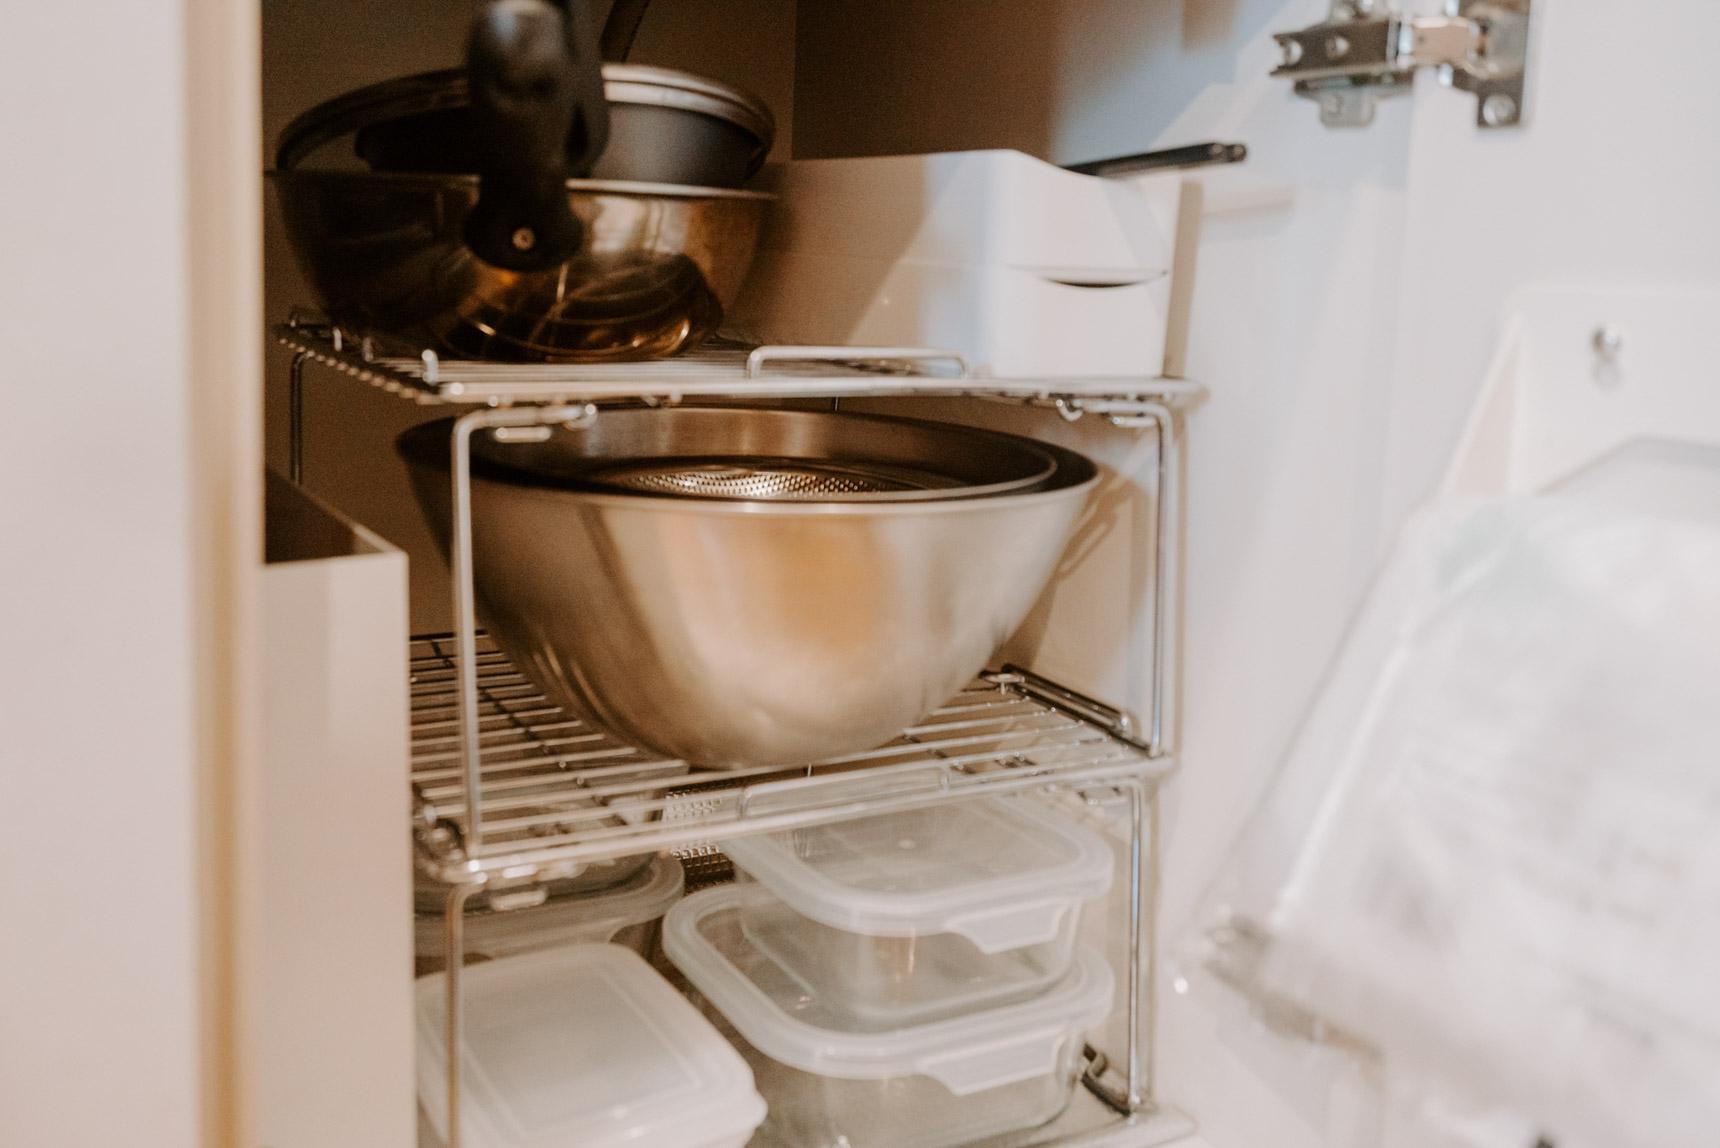 小さなシンク下の収納は、ニトリのキッチンラックを使って整頓。100円ショップのプラスチックのものと比べると、ステンレスで重いものを載せても安心感。